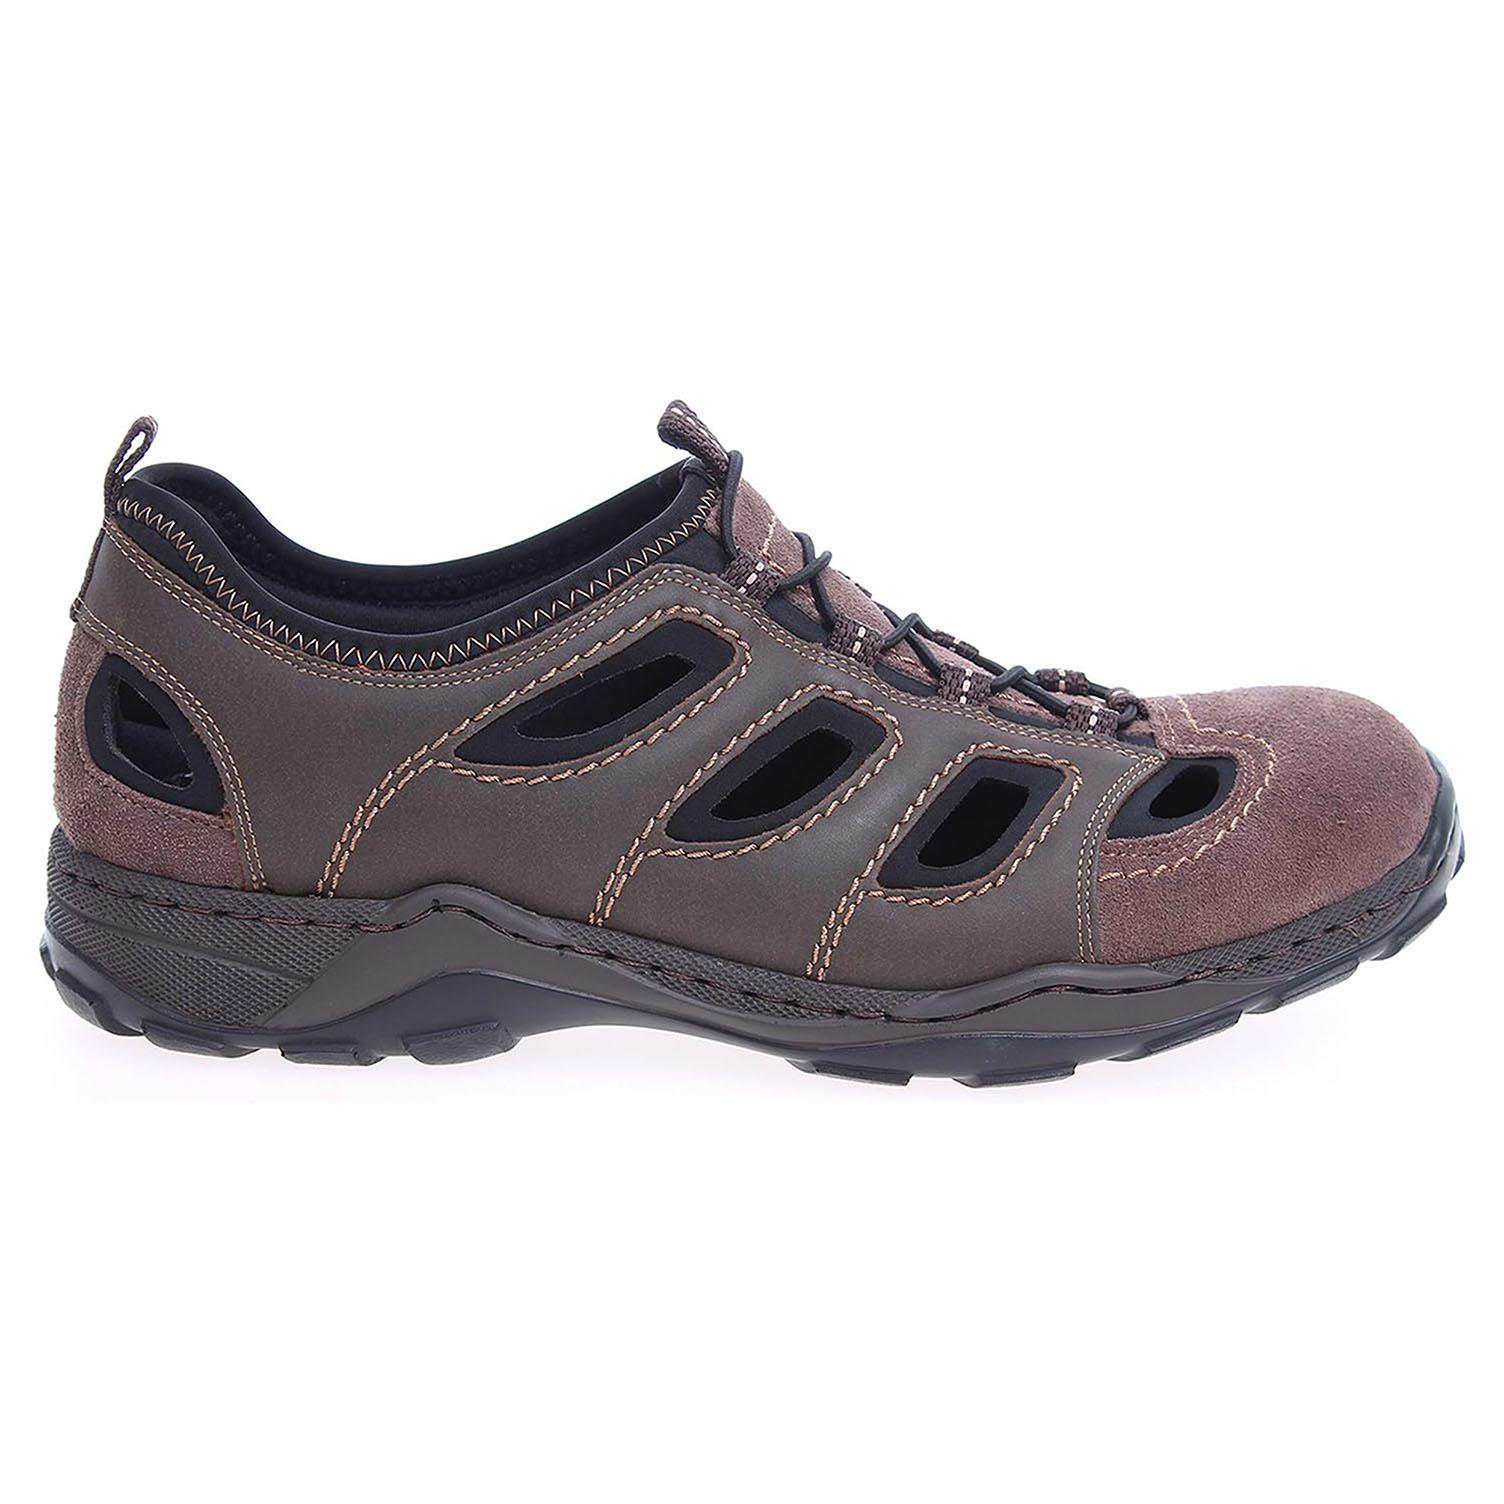 outlet boutique hot new products buy online Rieker pánské sandály 08065-26 hnědé